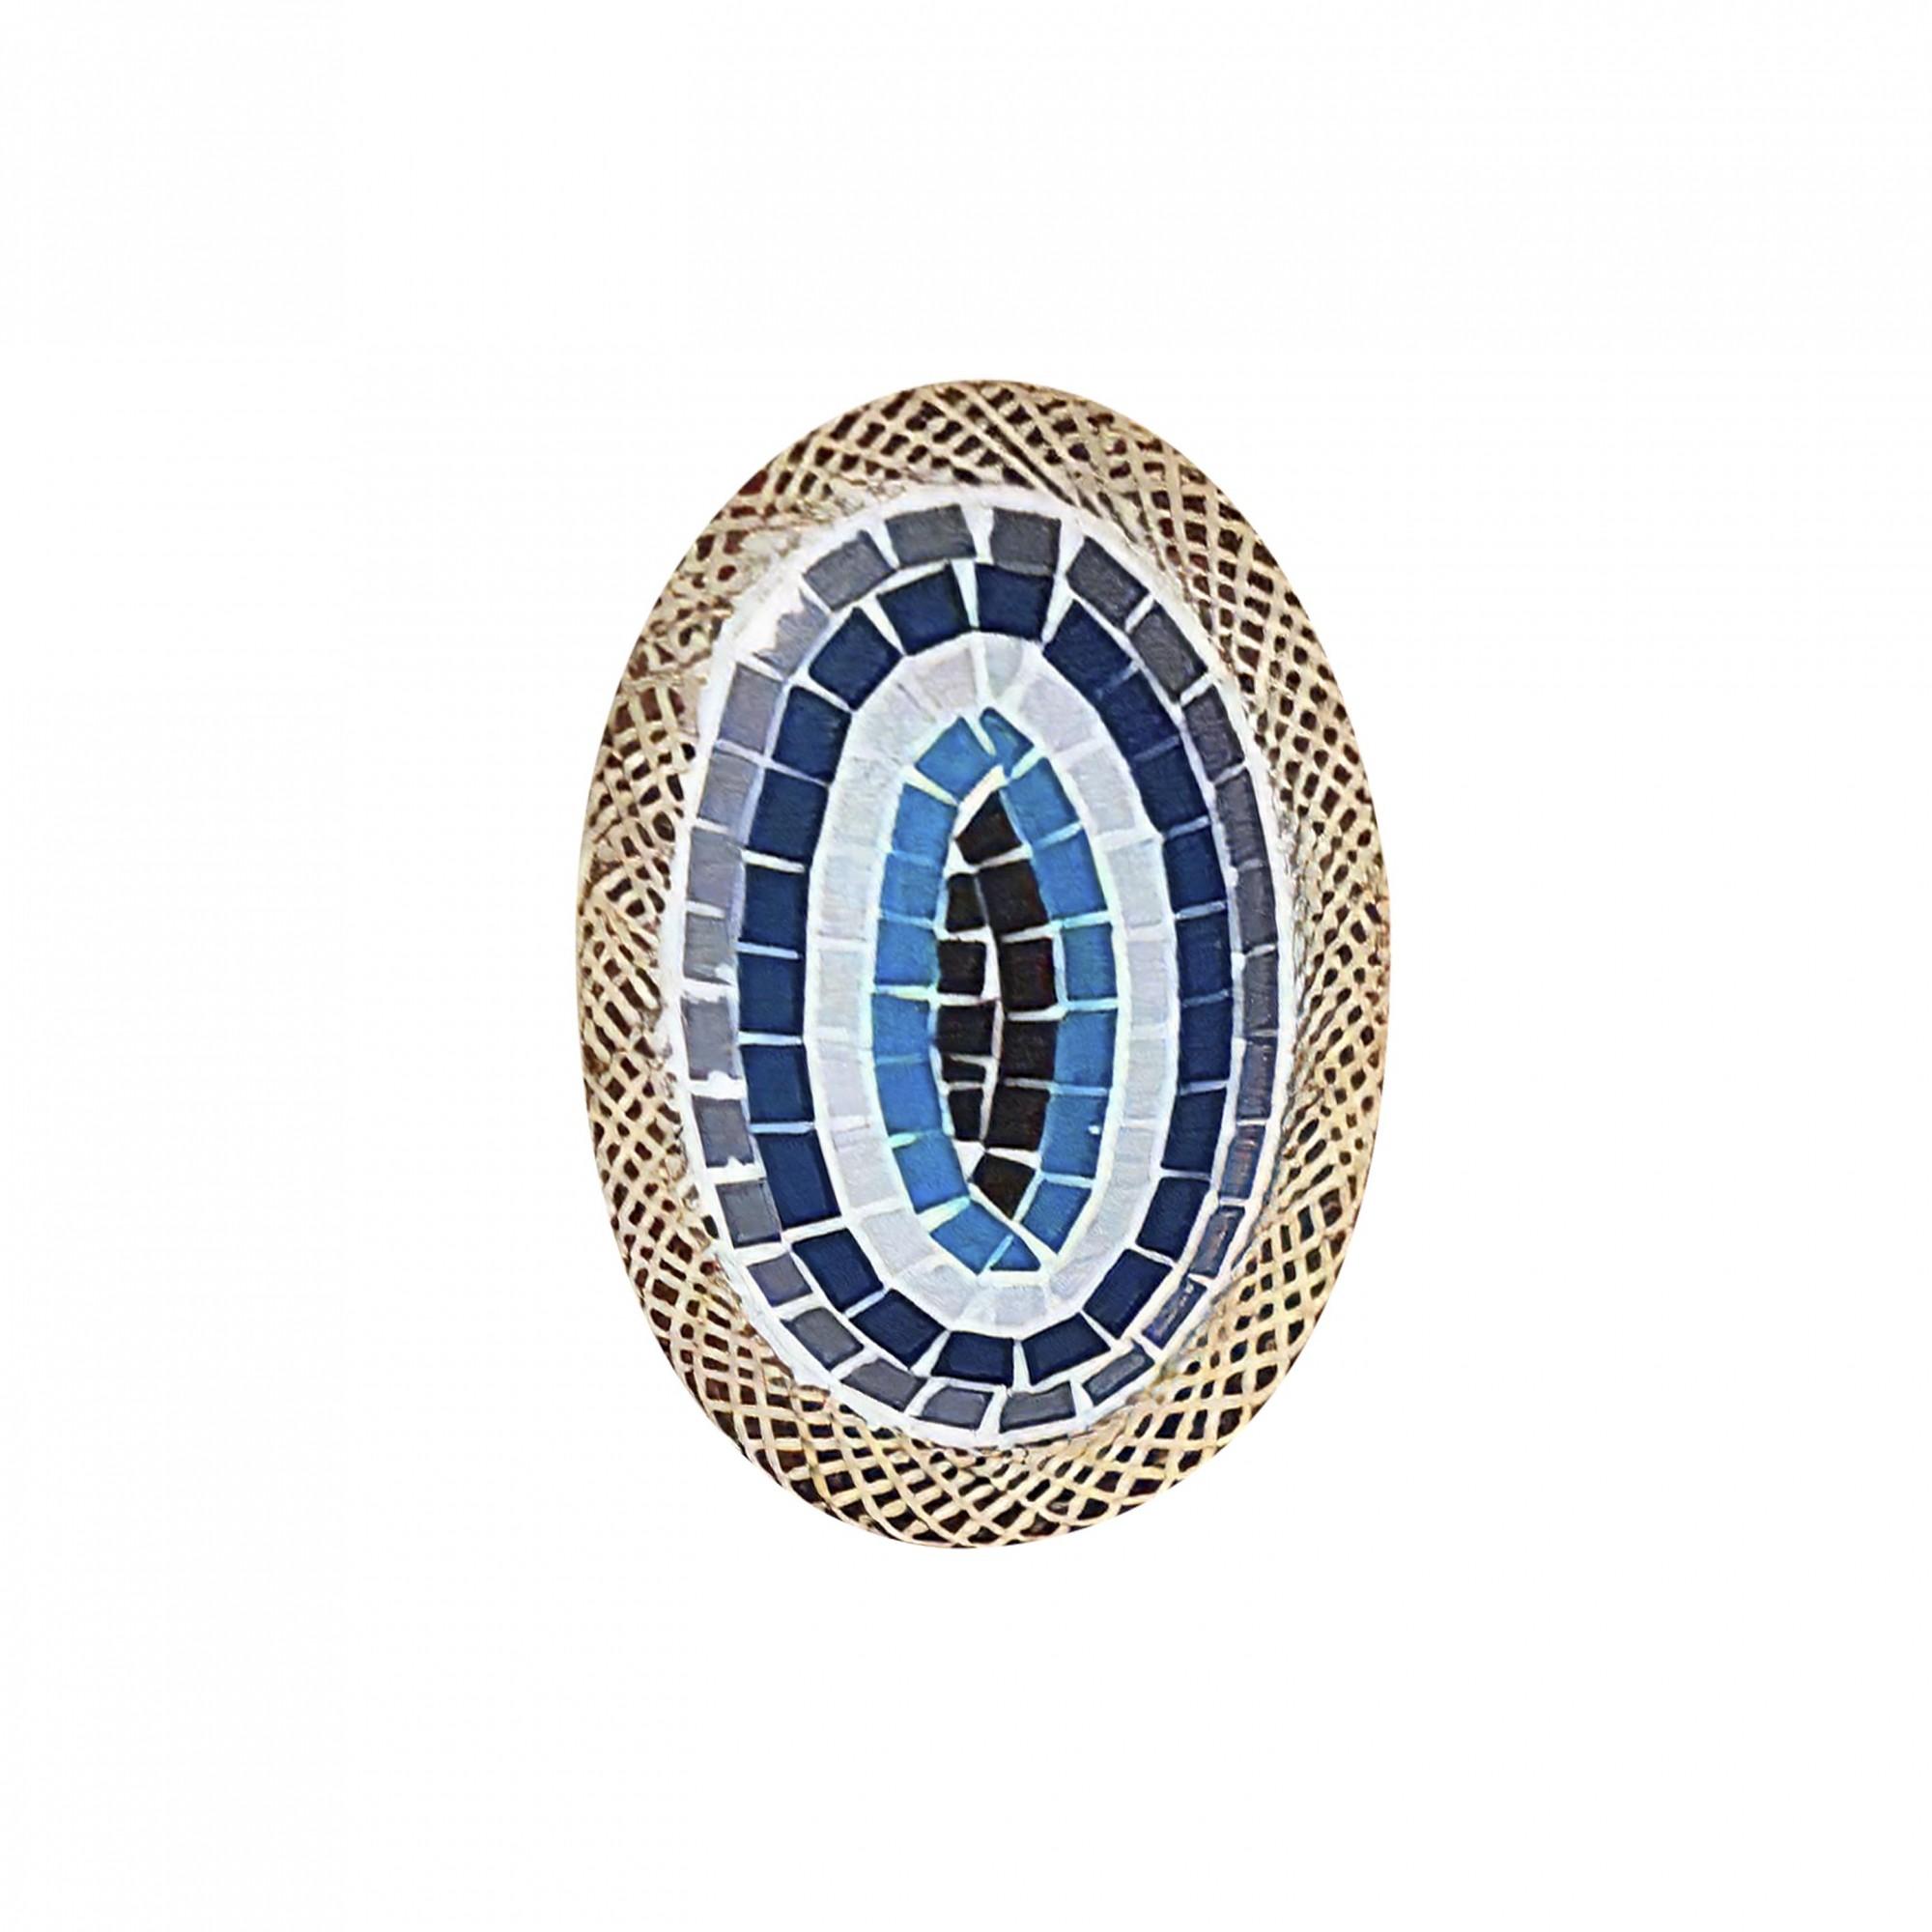 Prato Cerâmica Oval com Mosaico de Olho Grego com Bordas em Rattan ( 20 cm )